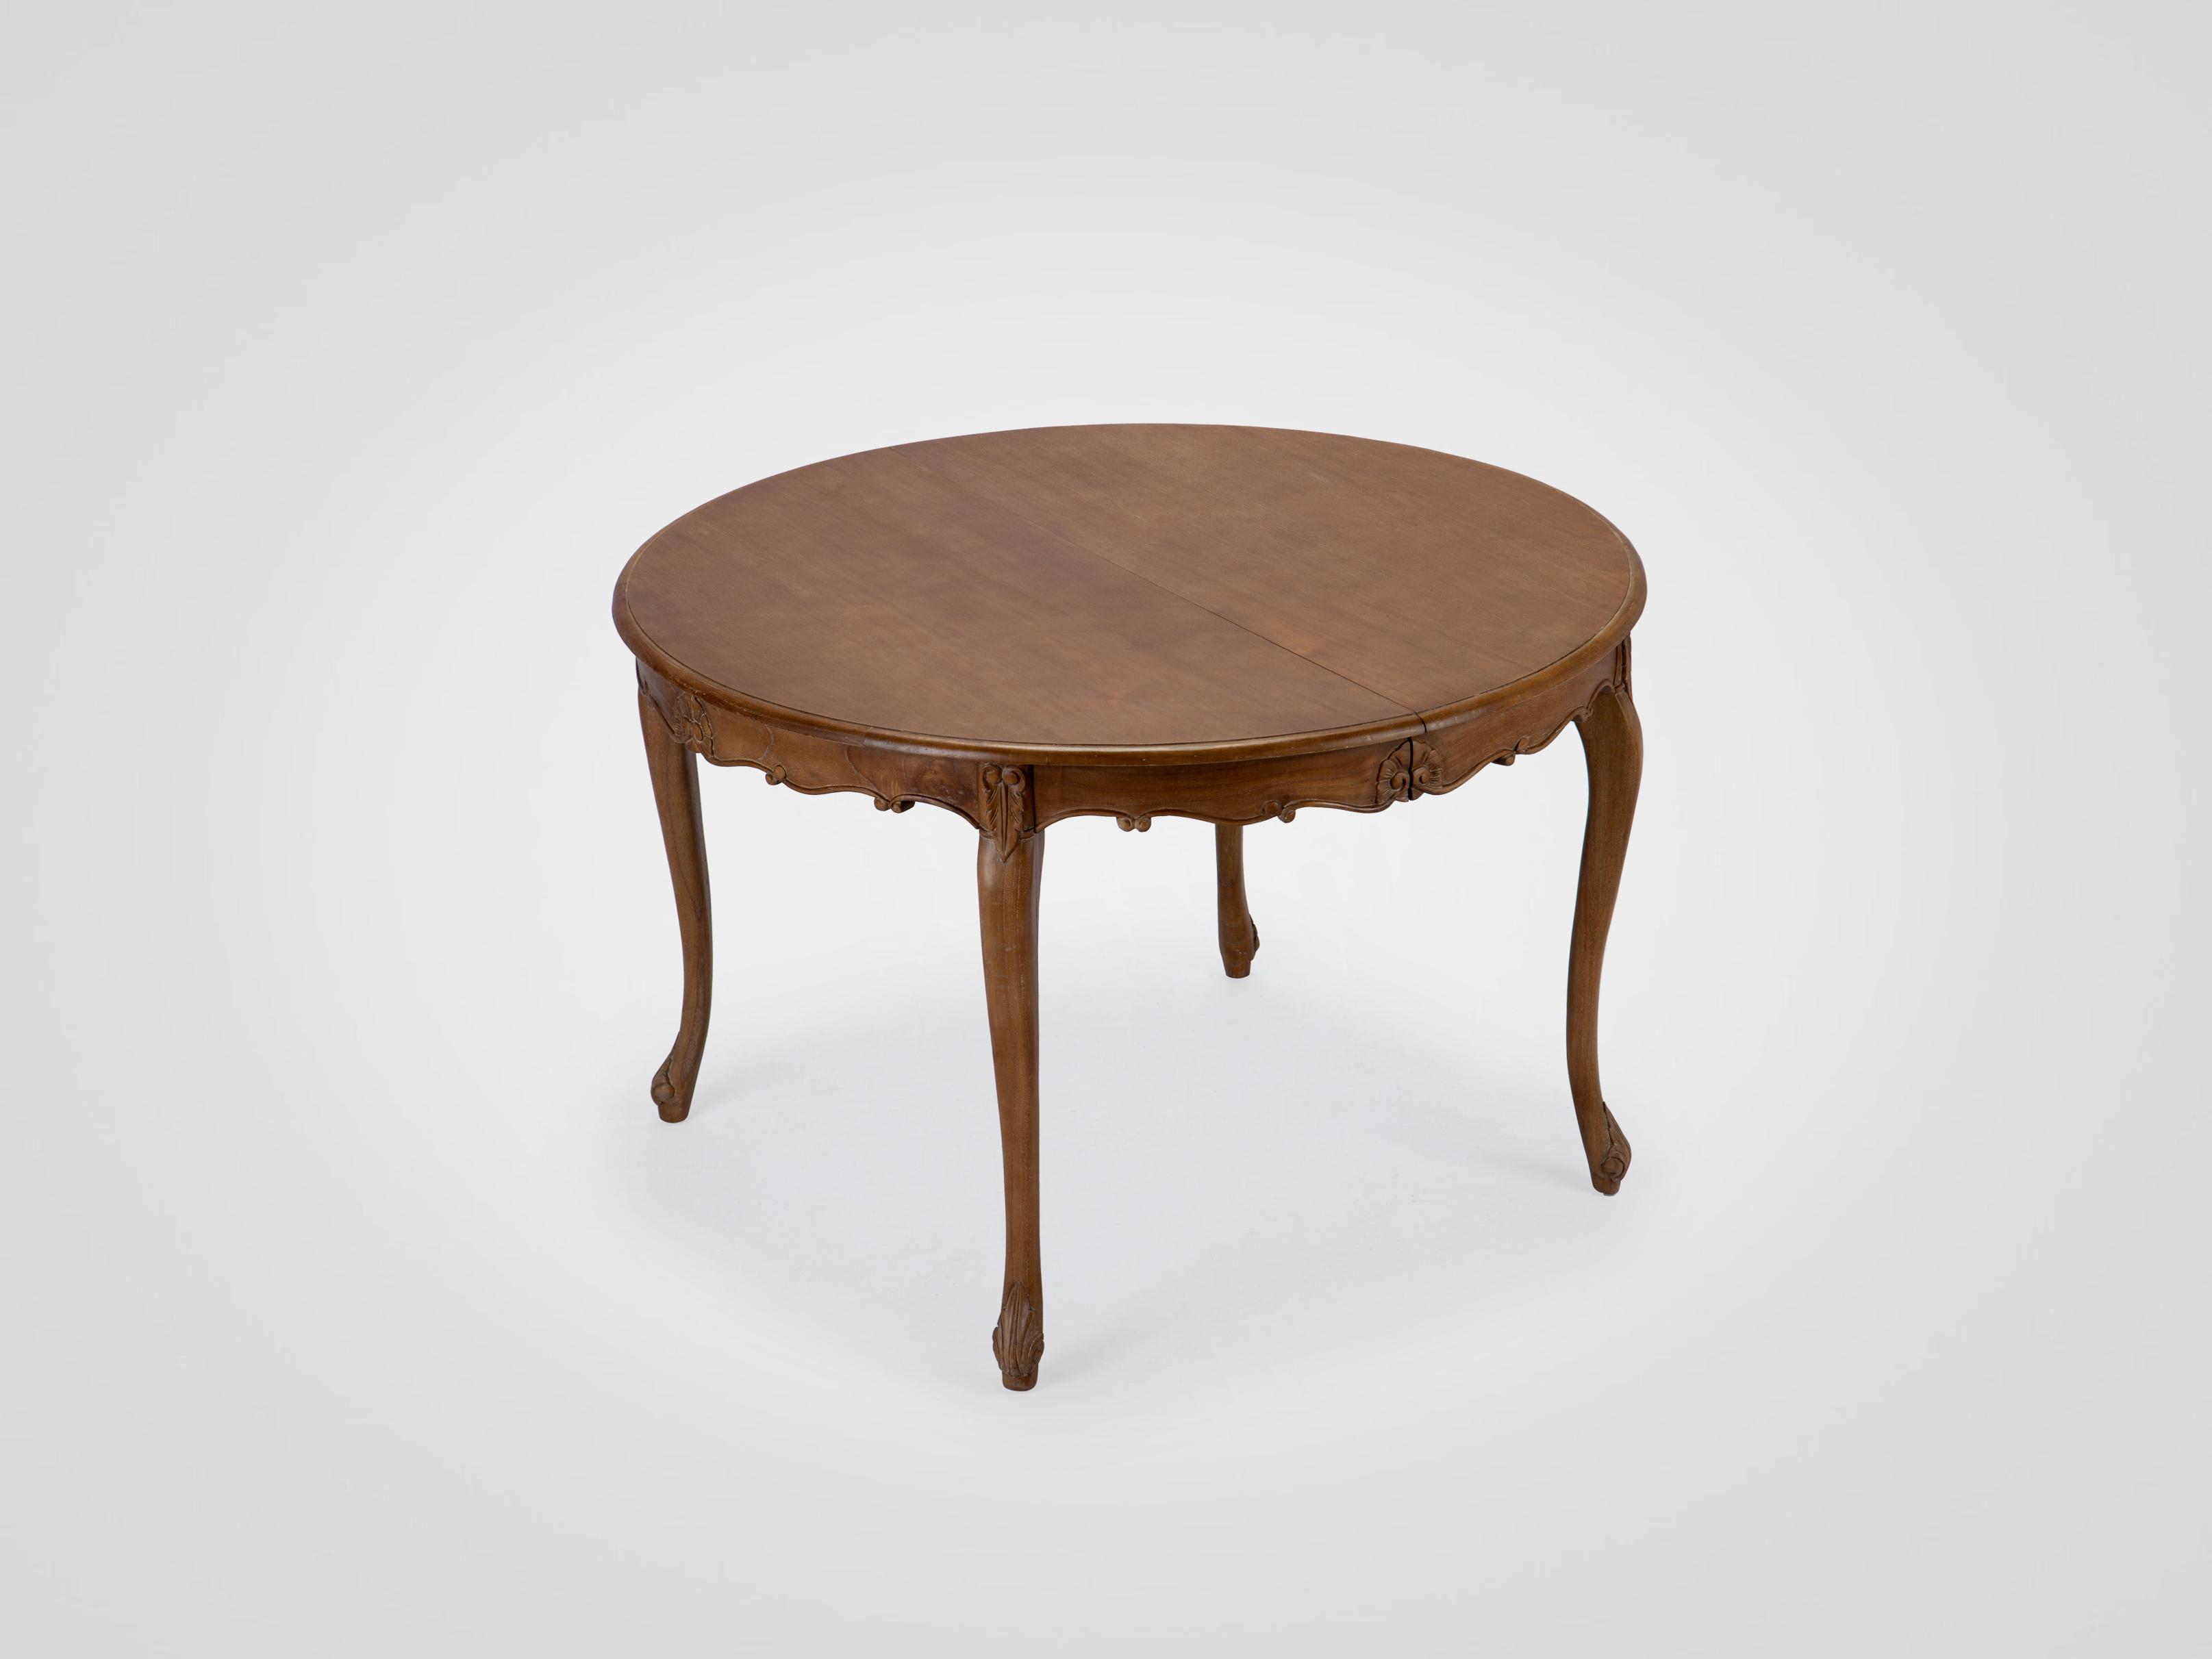 Купить Обеденный круглый раздвижной стол из дерева минди с резьбой ручной работы, inmyroom, Индонезия